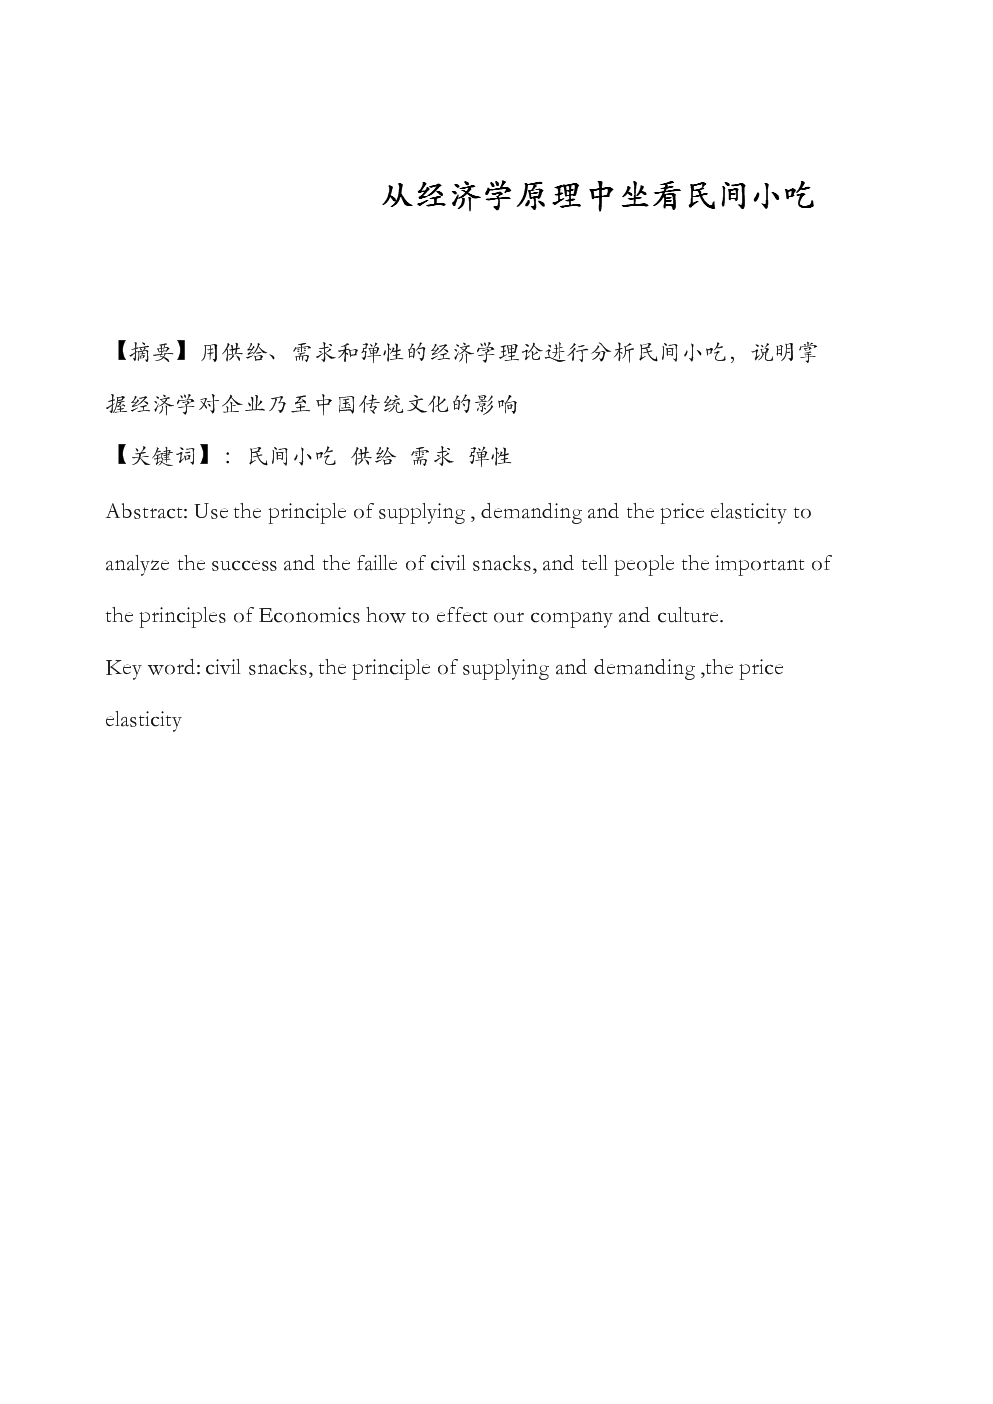 【經濟學小論文】從經濟學原理中坐看民間小吃.doc